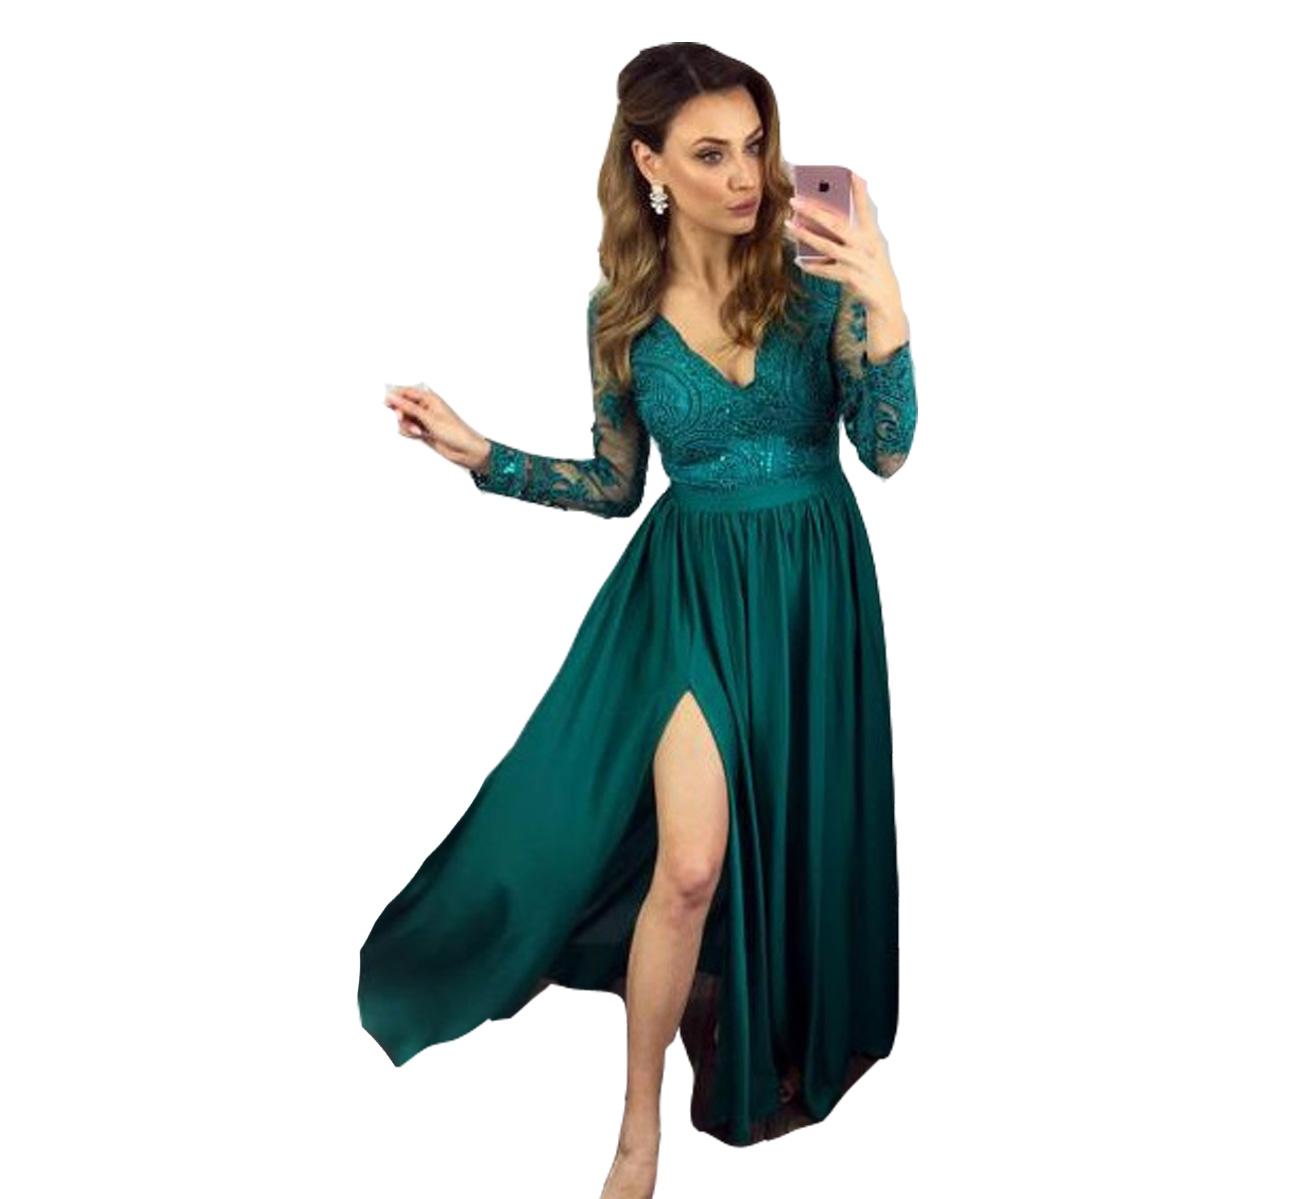 1252a7d1f1 Sukienka wieczorowa elegancka długa wesele bal 42 - 7052647548 ...